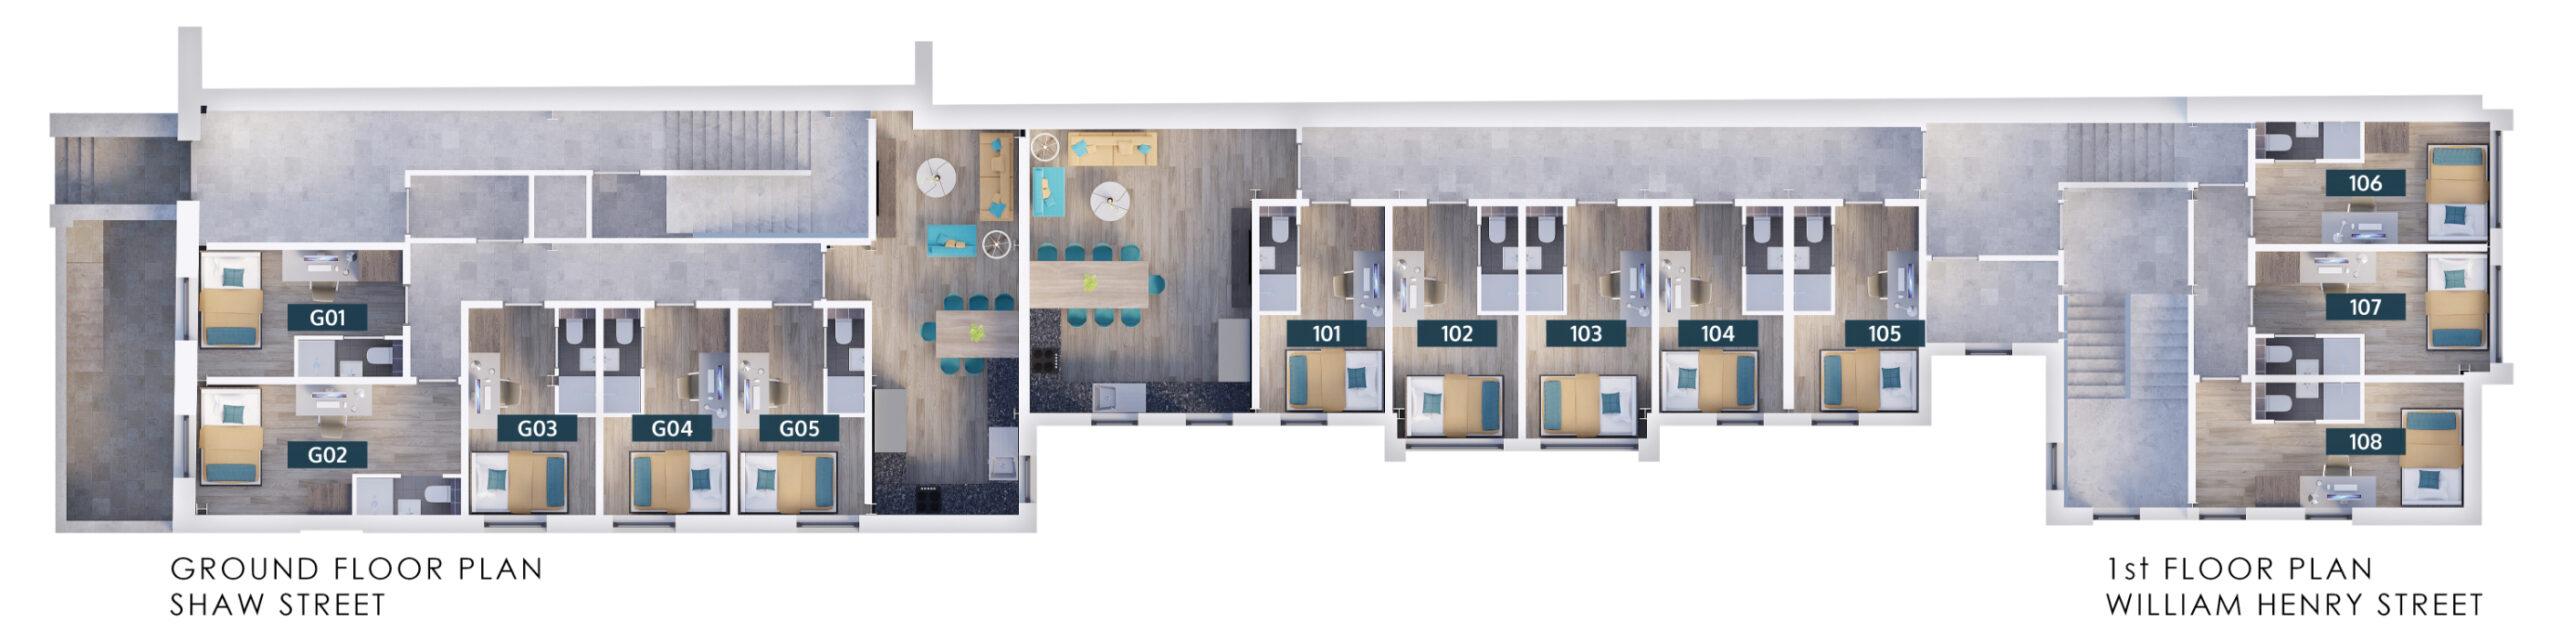 Shaw Street - Ground Floor Plan